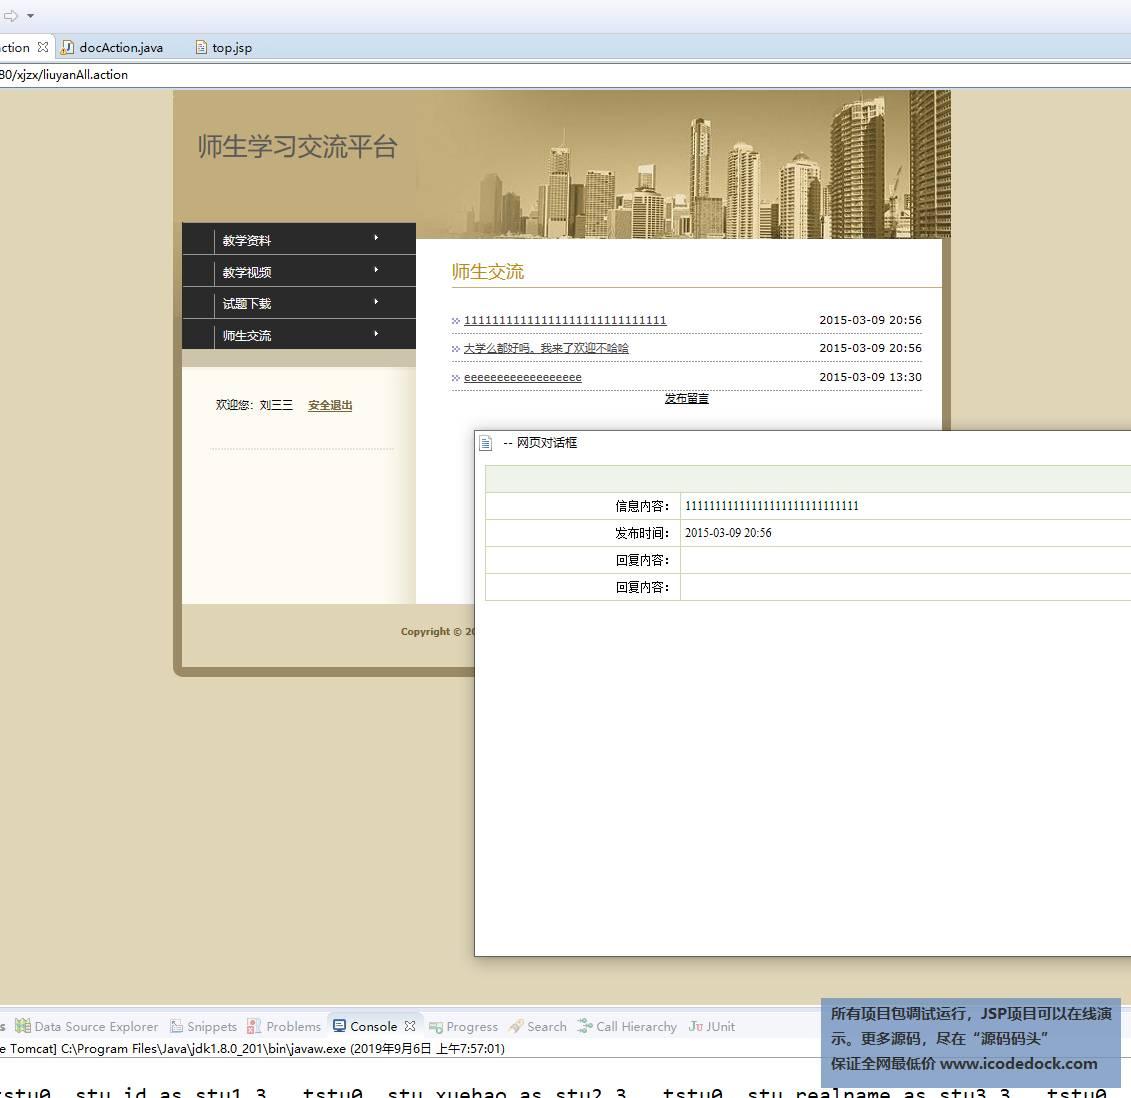 源码码头-JSP师生交流学习管理系统-用户角色-师生交流